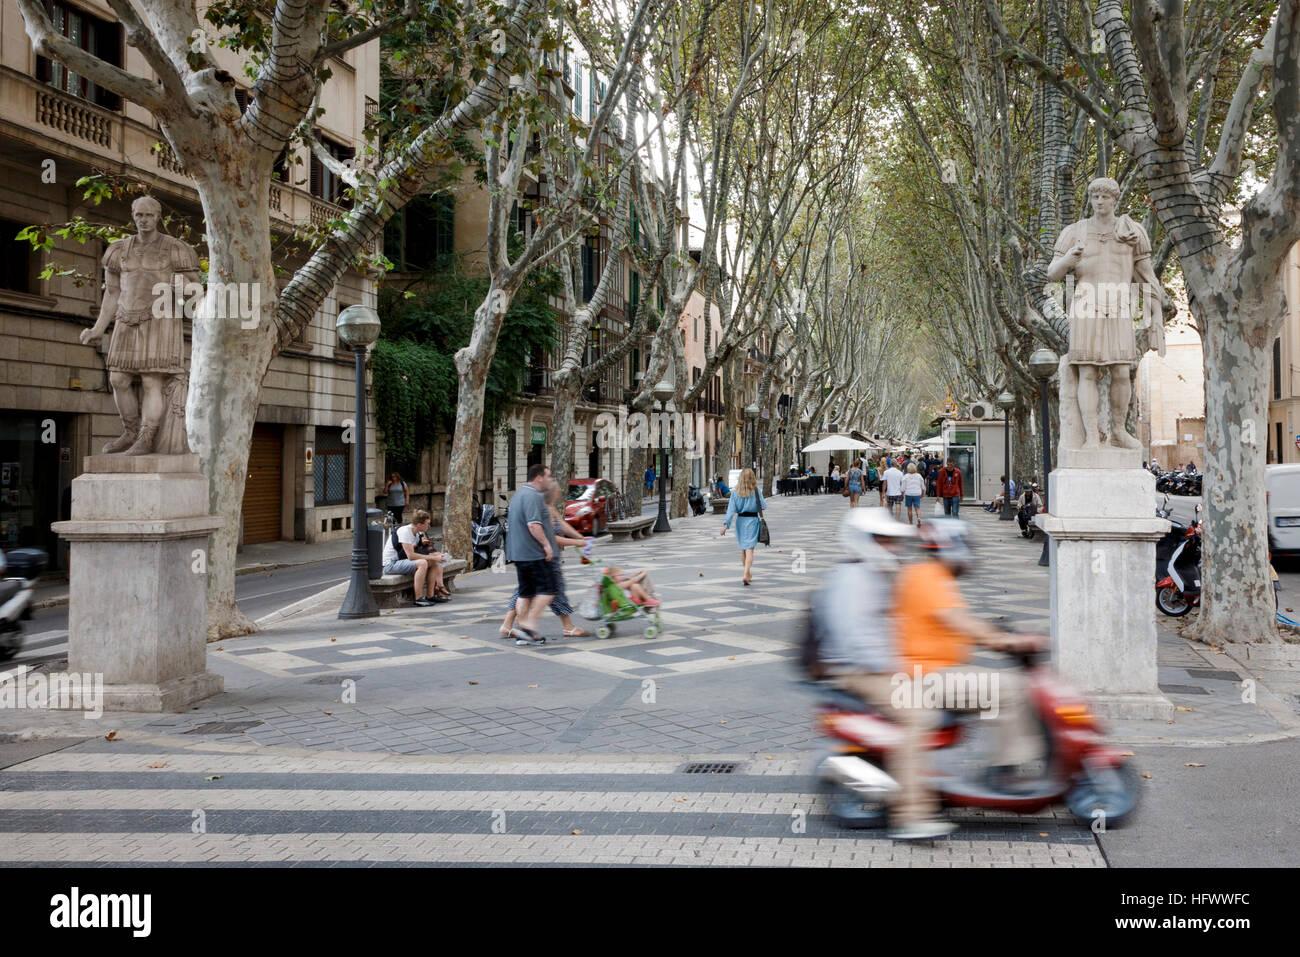 Palma, Mallorca, Spanien. La Rambla Straßenansicht mit Statuen der römischen Krieger Stockbild